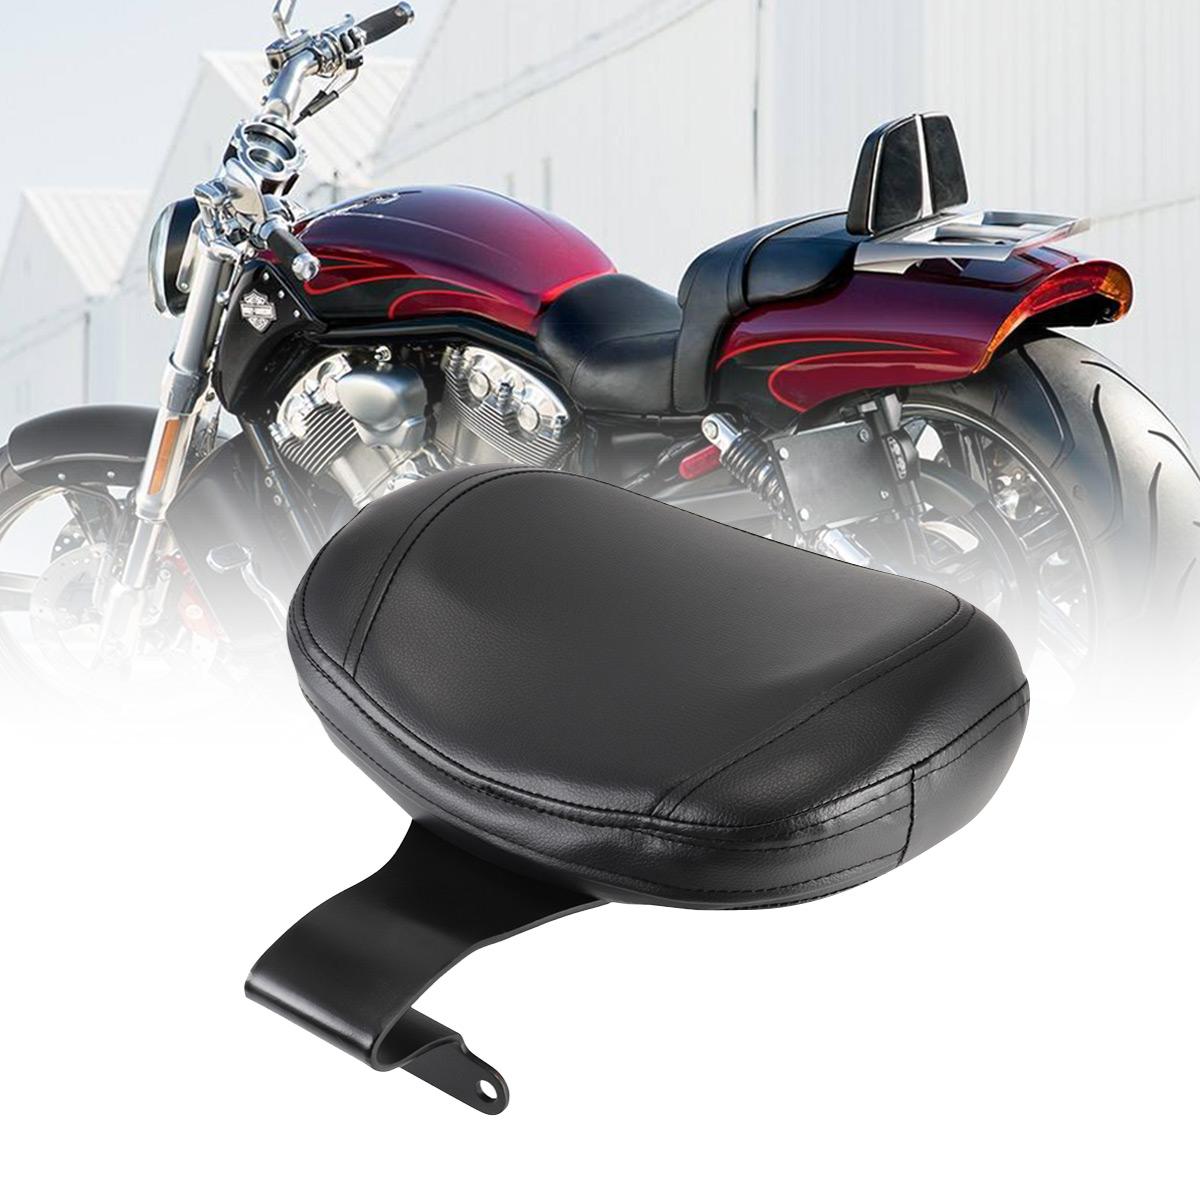 Yamaha V-Star V Star 1300 Motorcycle Rider Driver Backrest Pad Cushion Set Kit